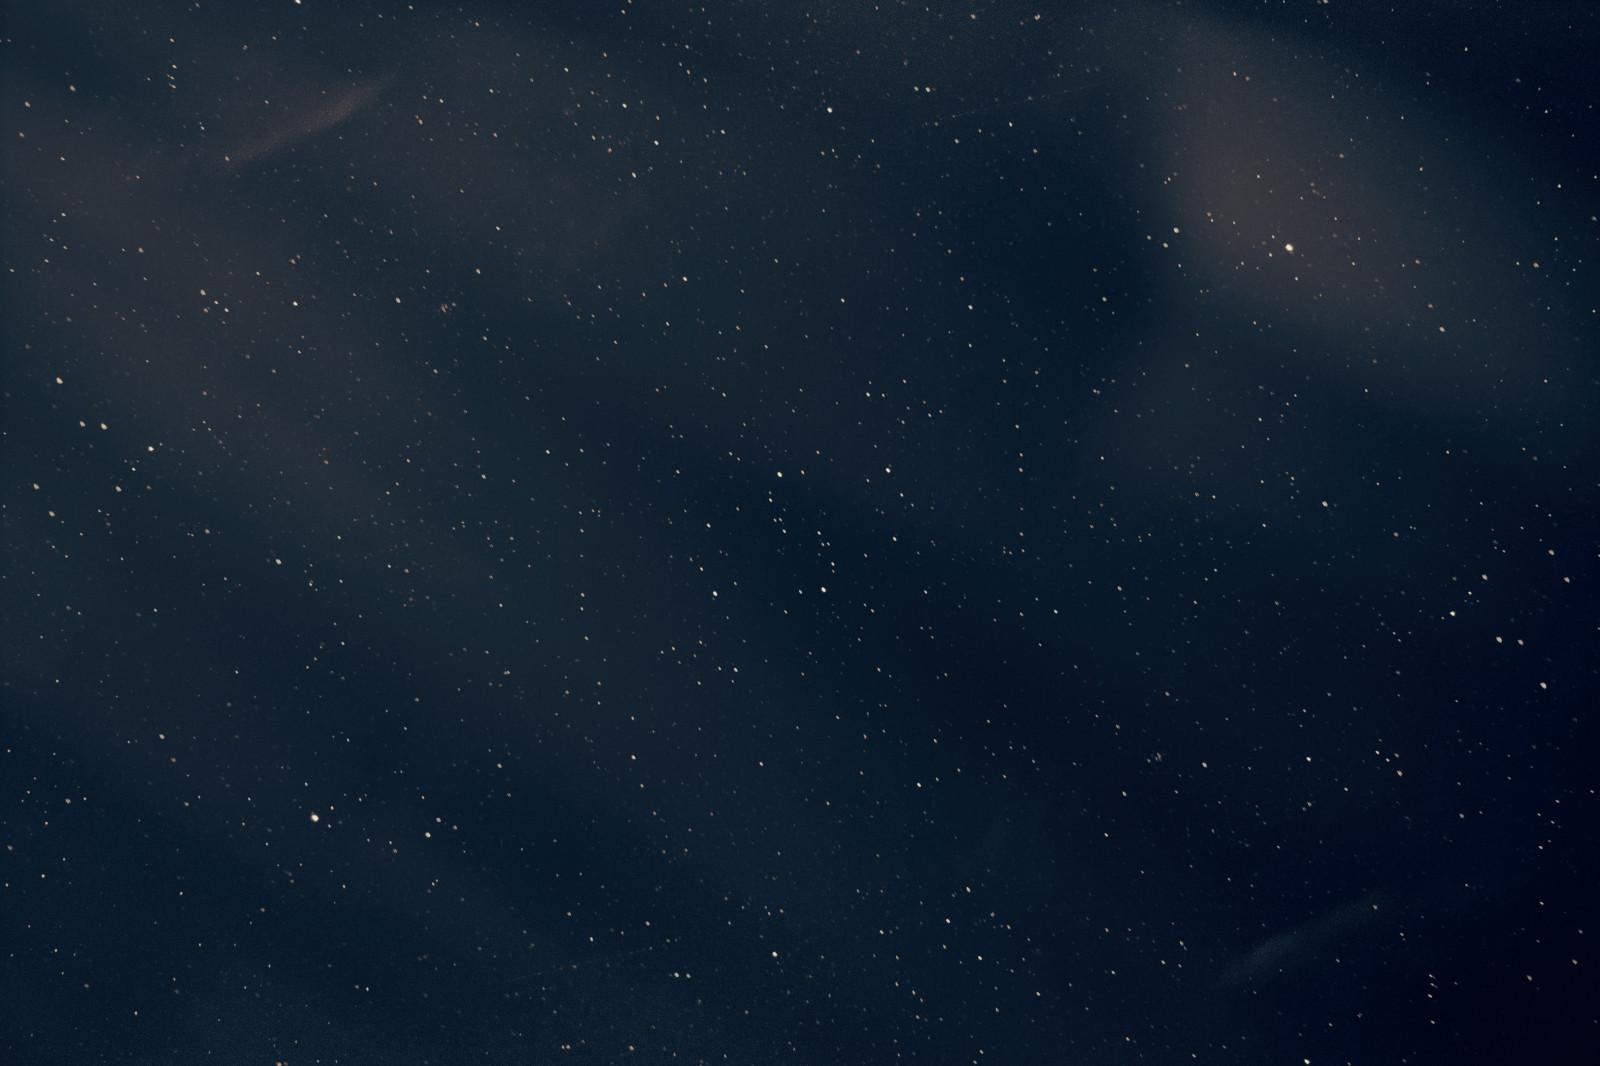 fond d 39 cran toiles ciel noir flou fond simple pente brosse calme 4896x3264 kaz1k. Black Bedroom Furniture Sets. Home Design Ideas